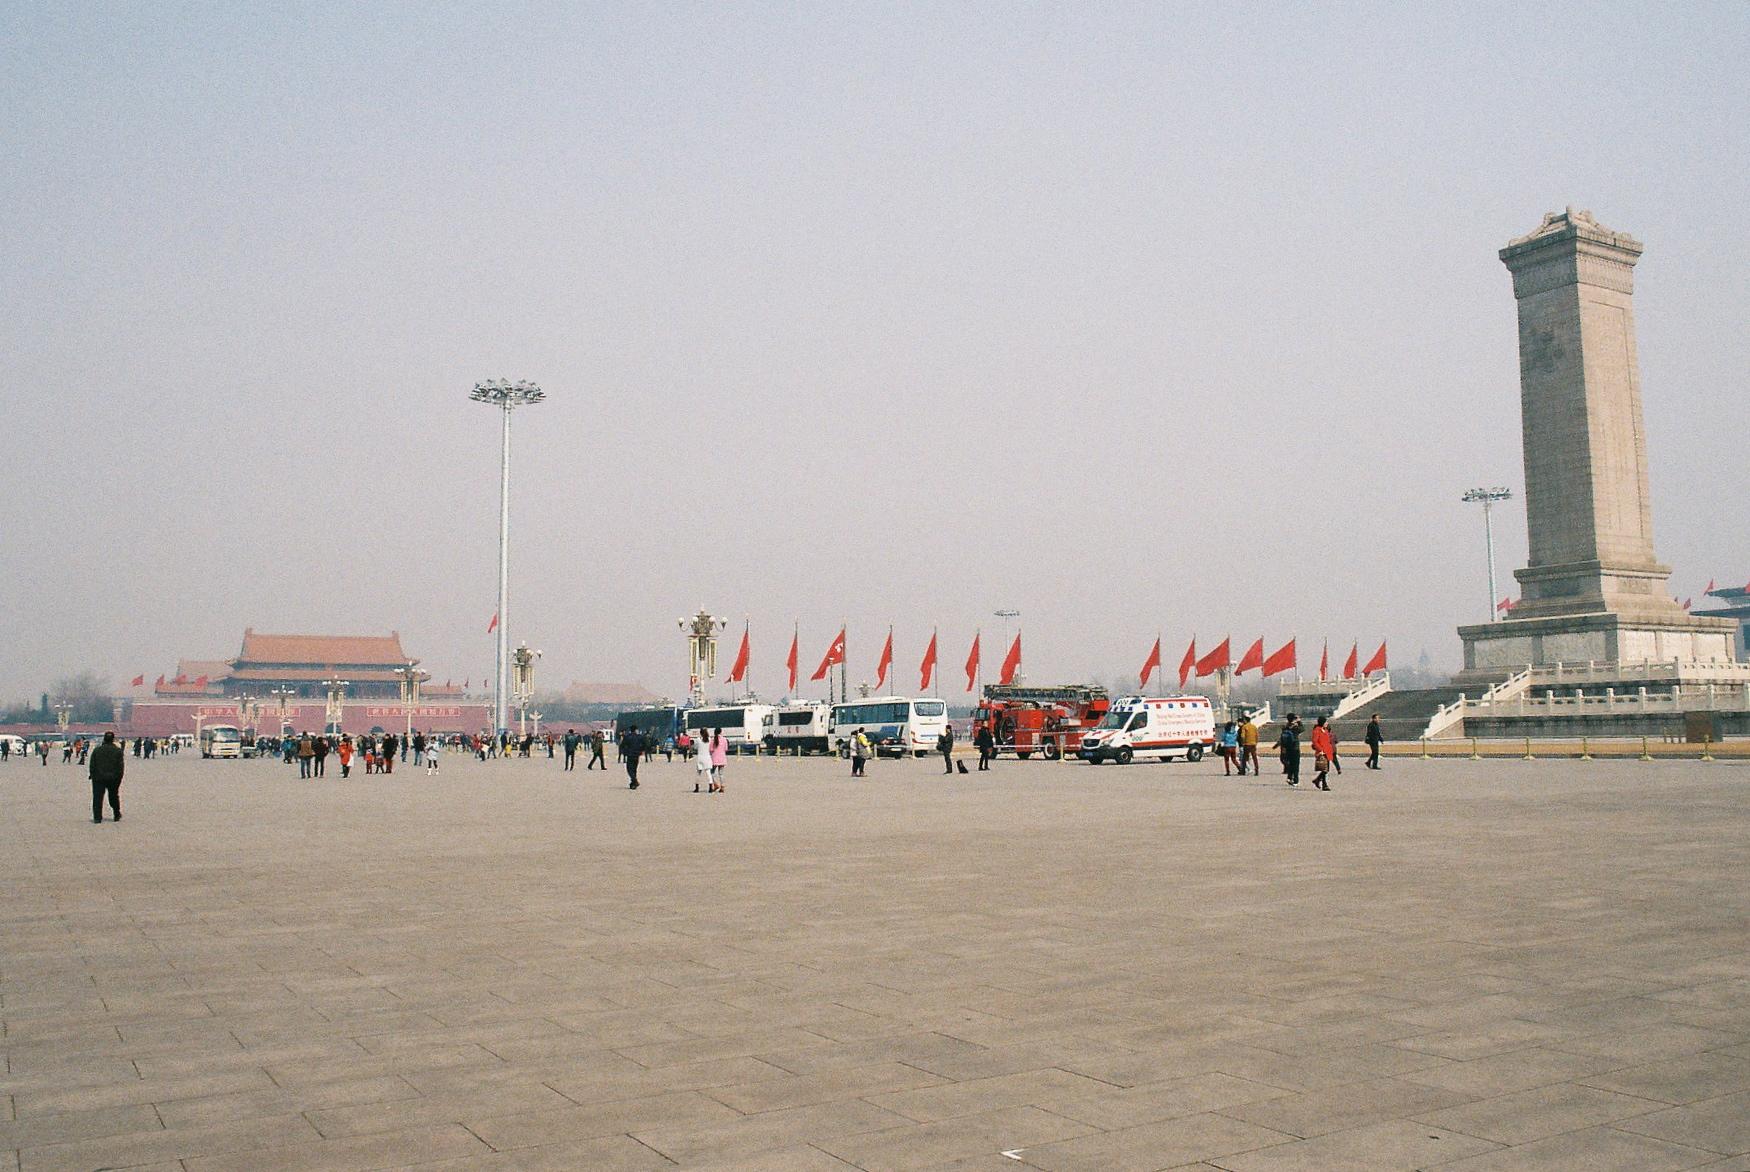 CNV00001.JPG